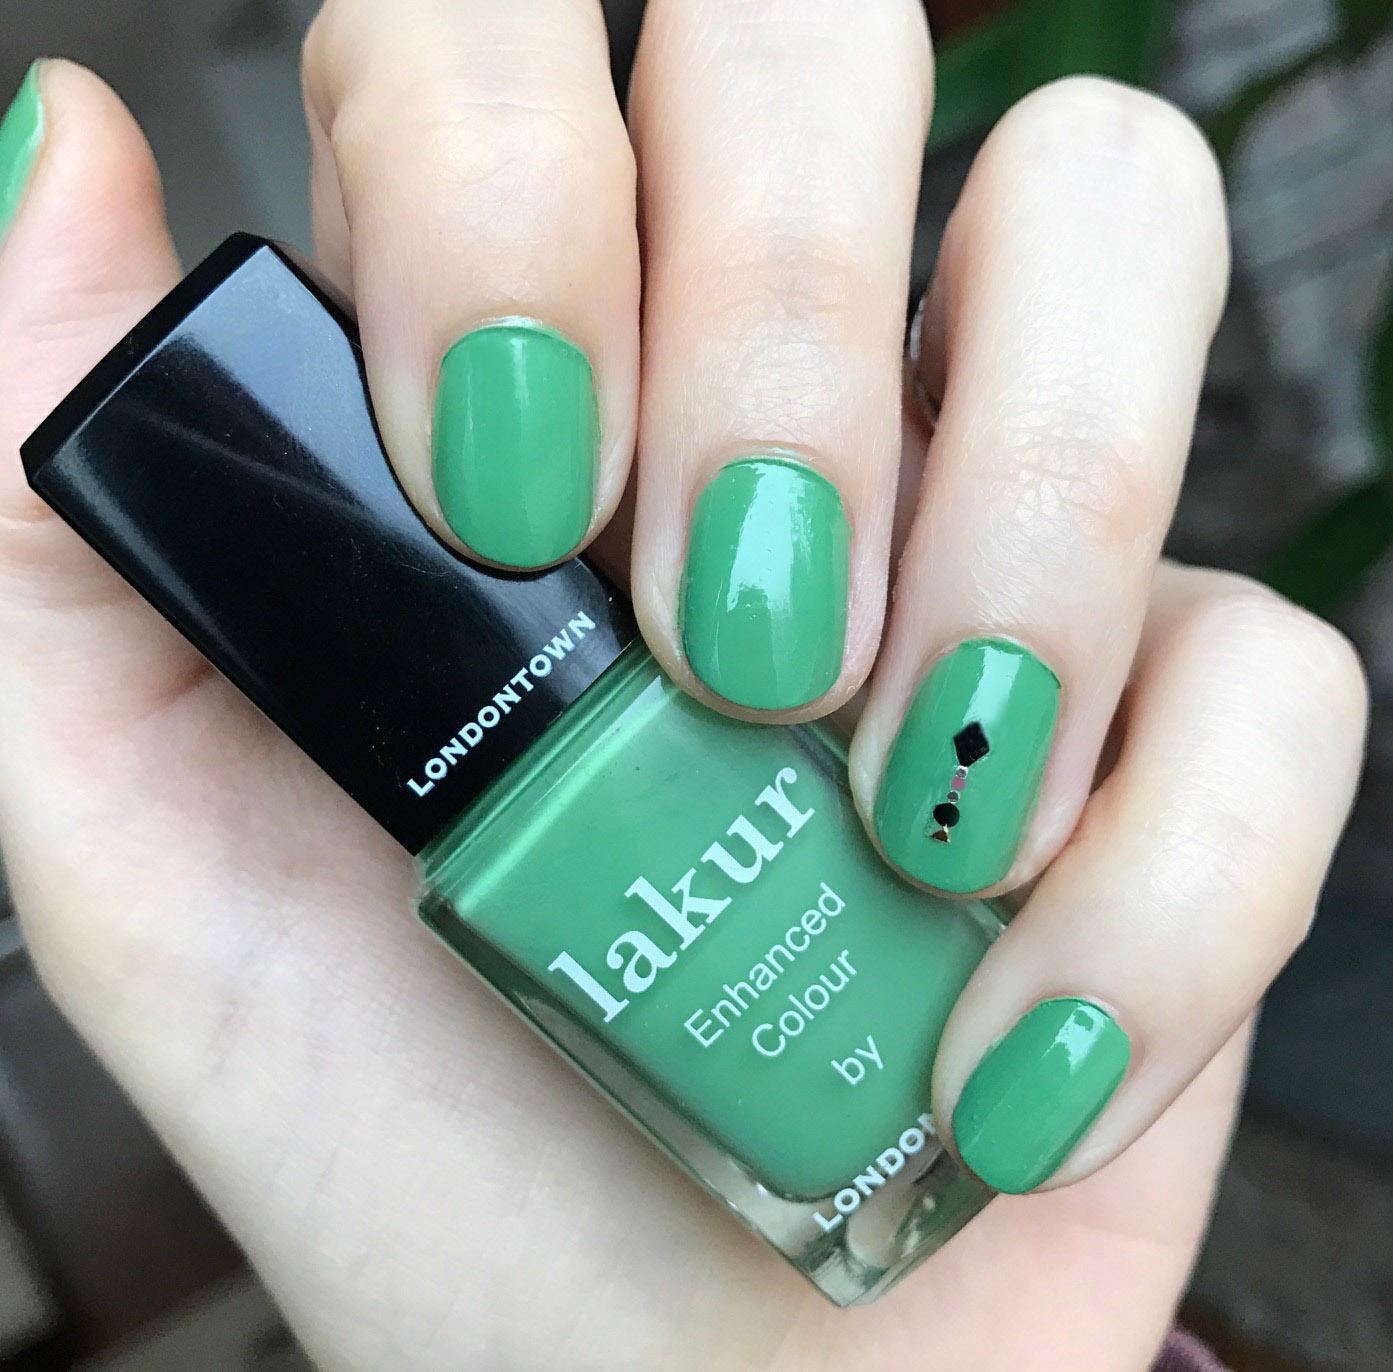 Londontown Secret Garden Posh nail polish